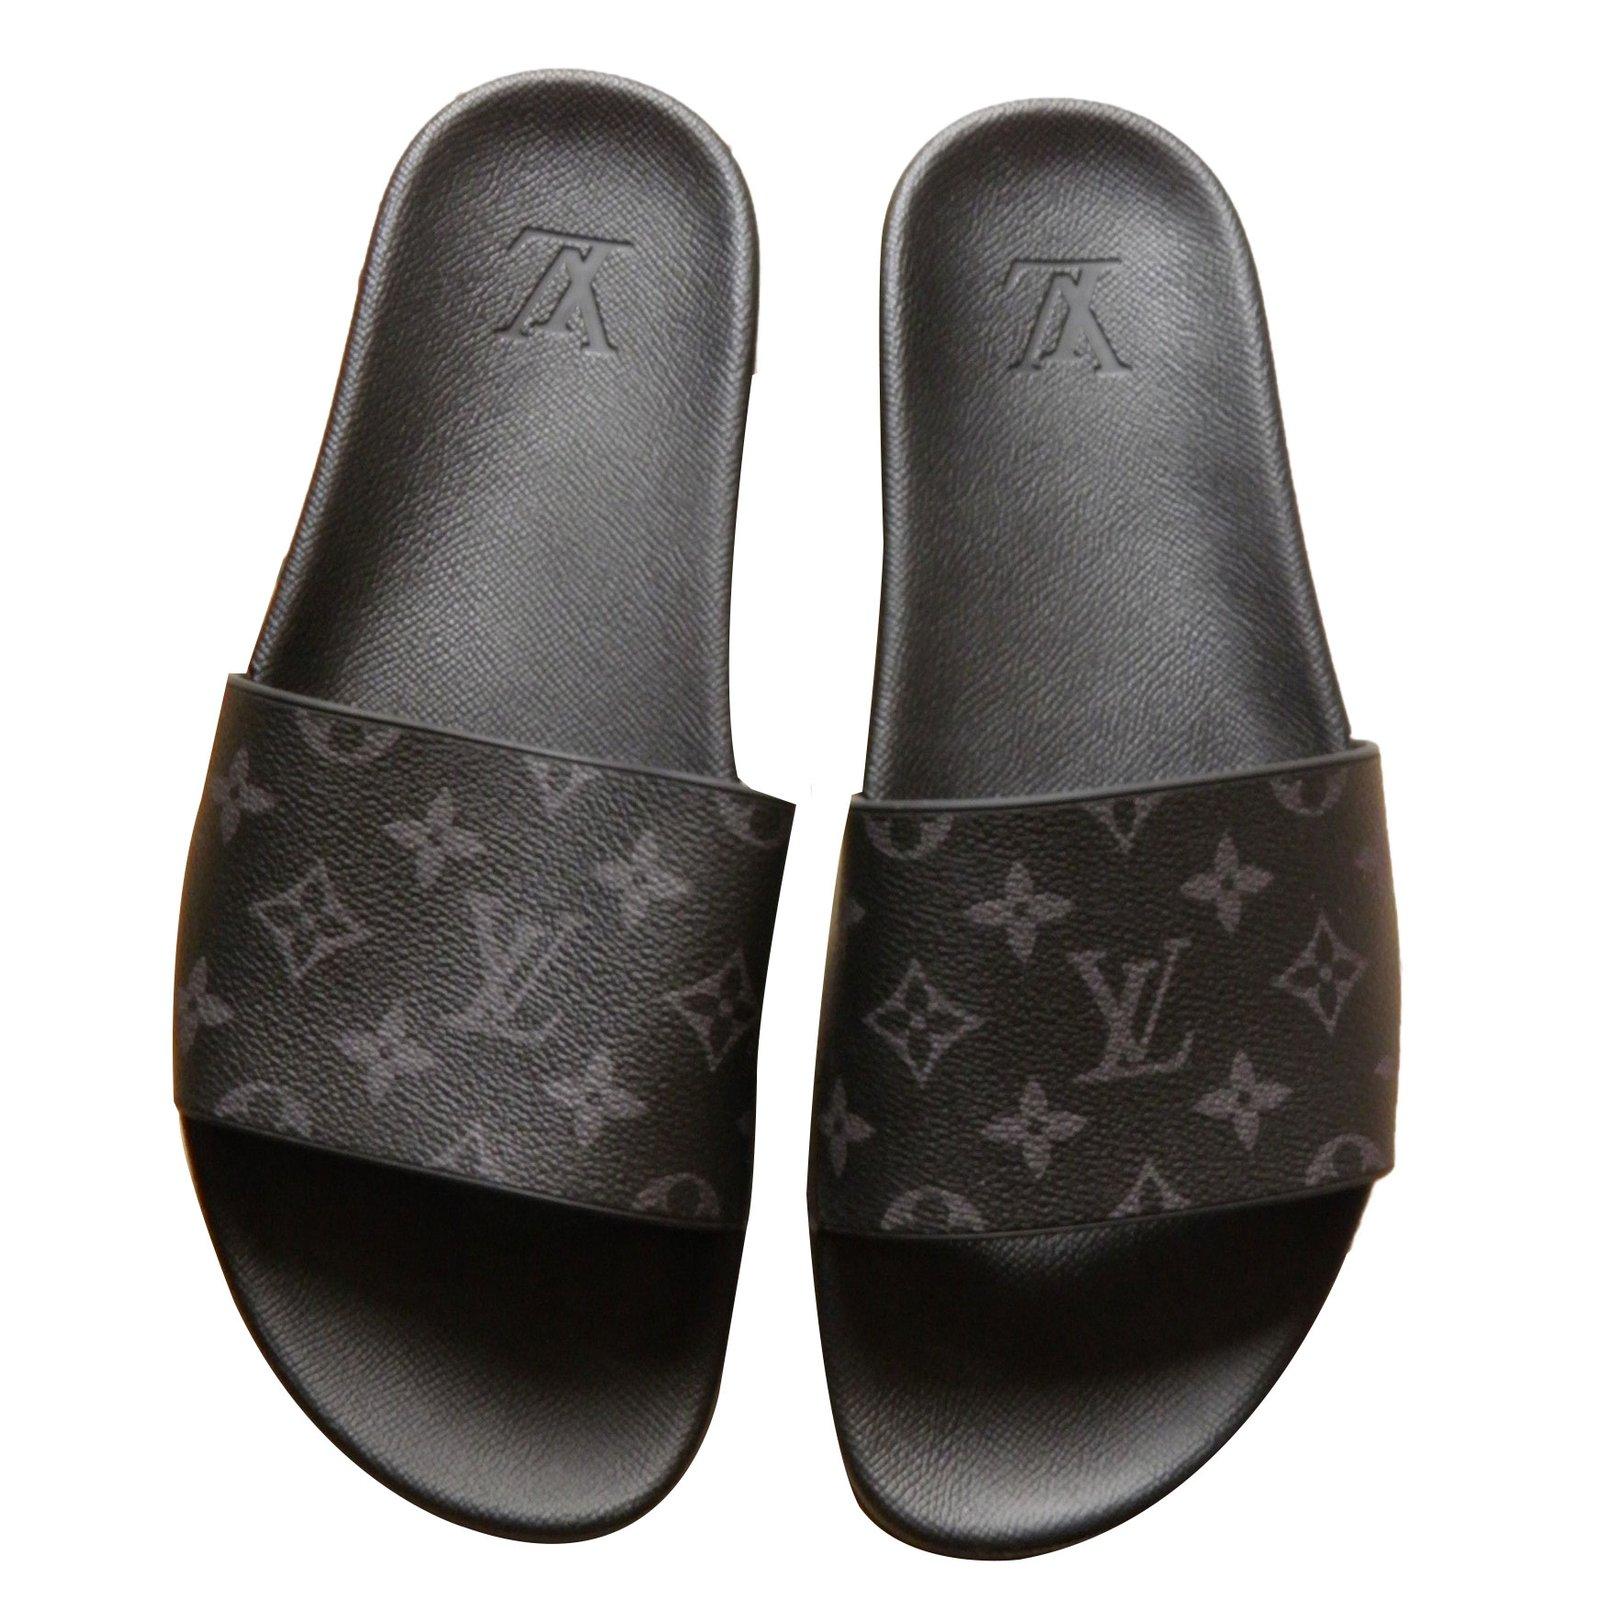 louis vuitton for men crossbody louis vuitton men sandals rubber black ref65879 joli